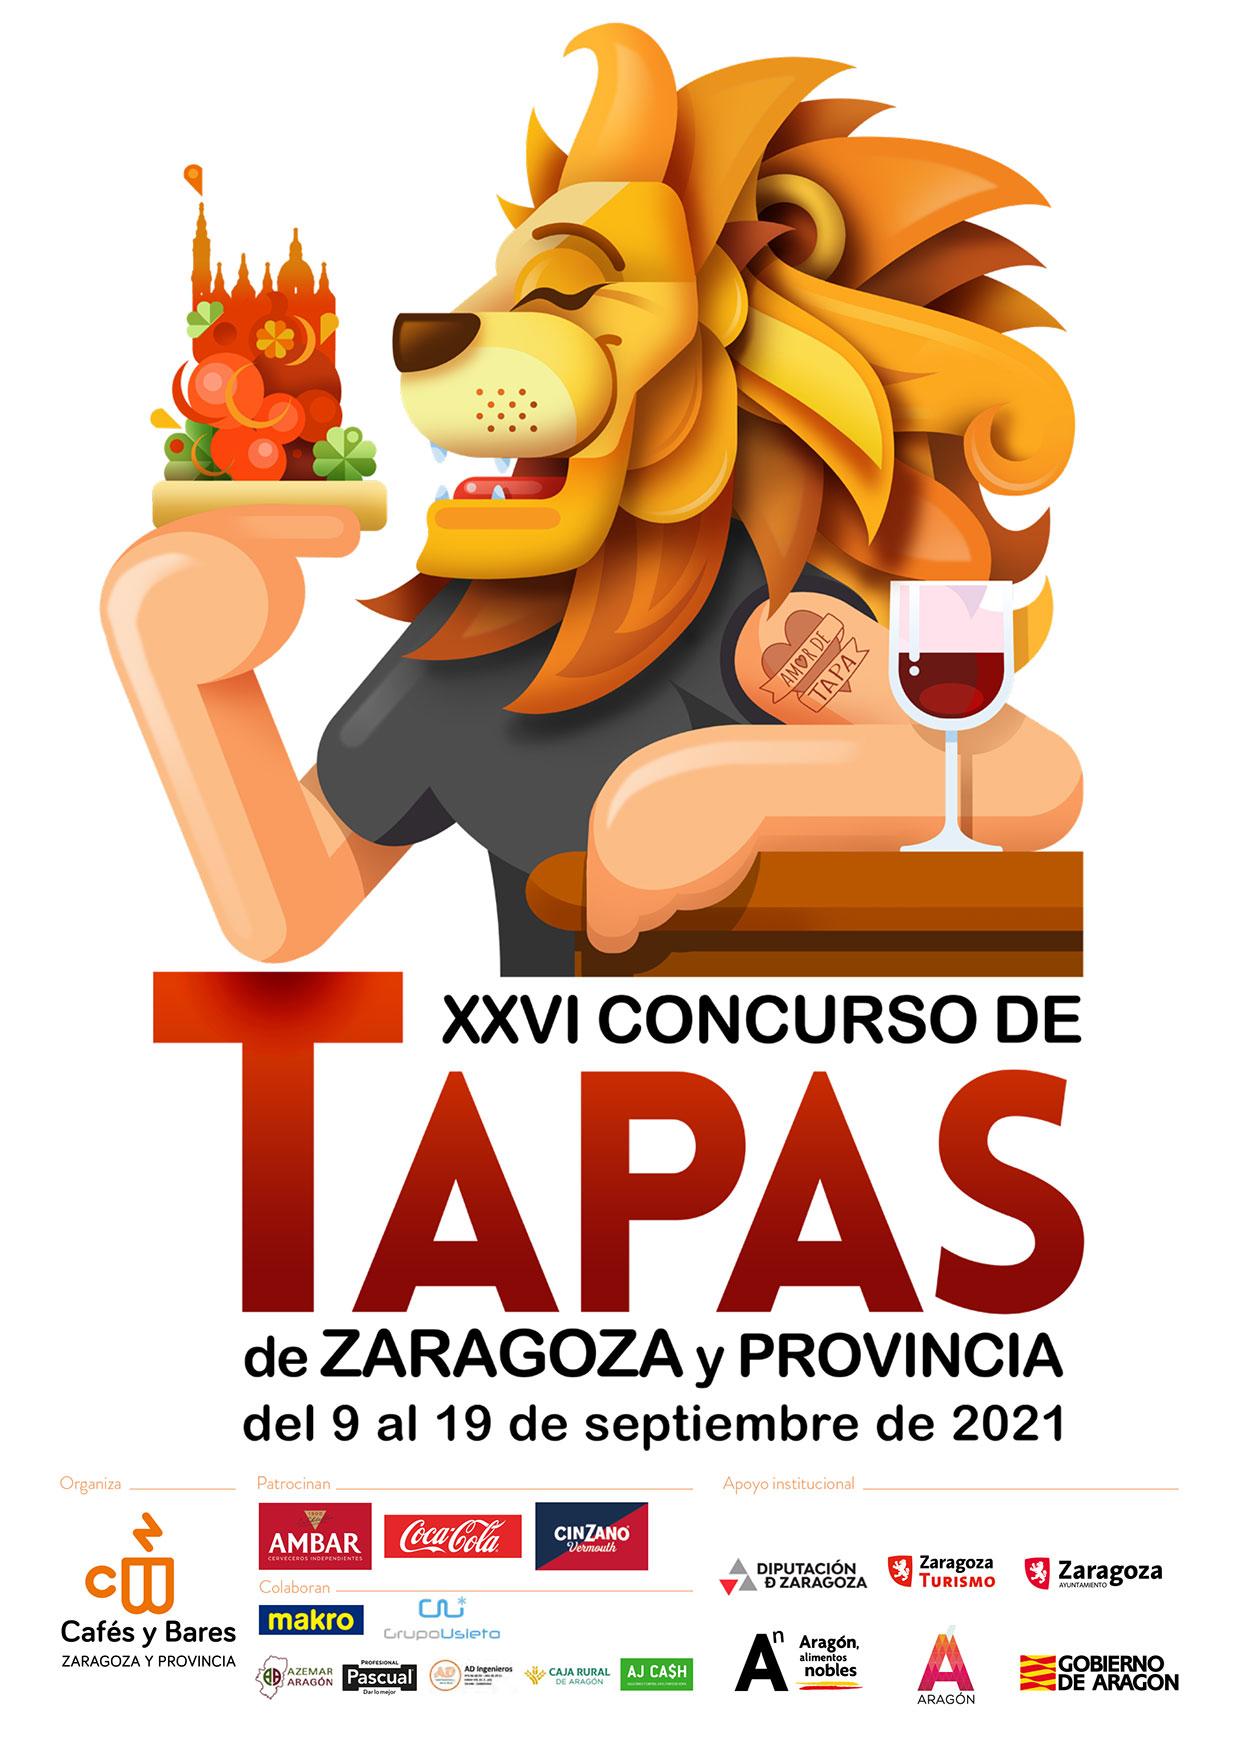 Cartel Concurso de Tapas de Zaragoza y Provincia wb